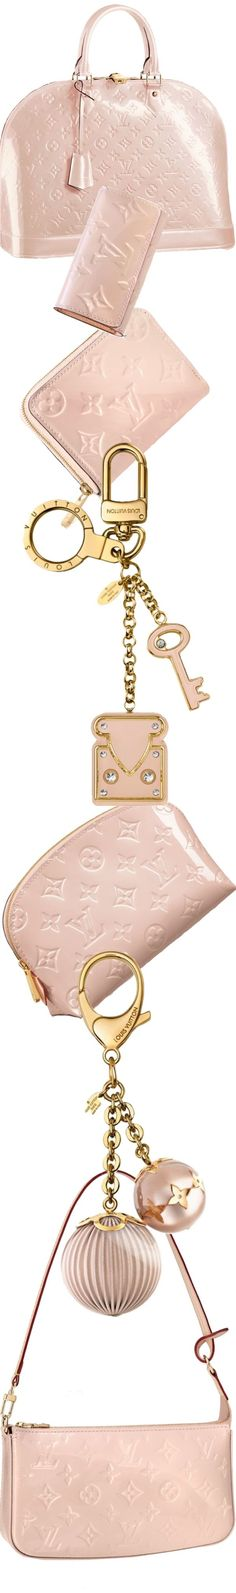 Louis Vuitton...I love LV